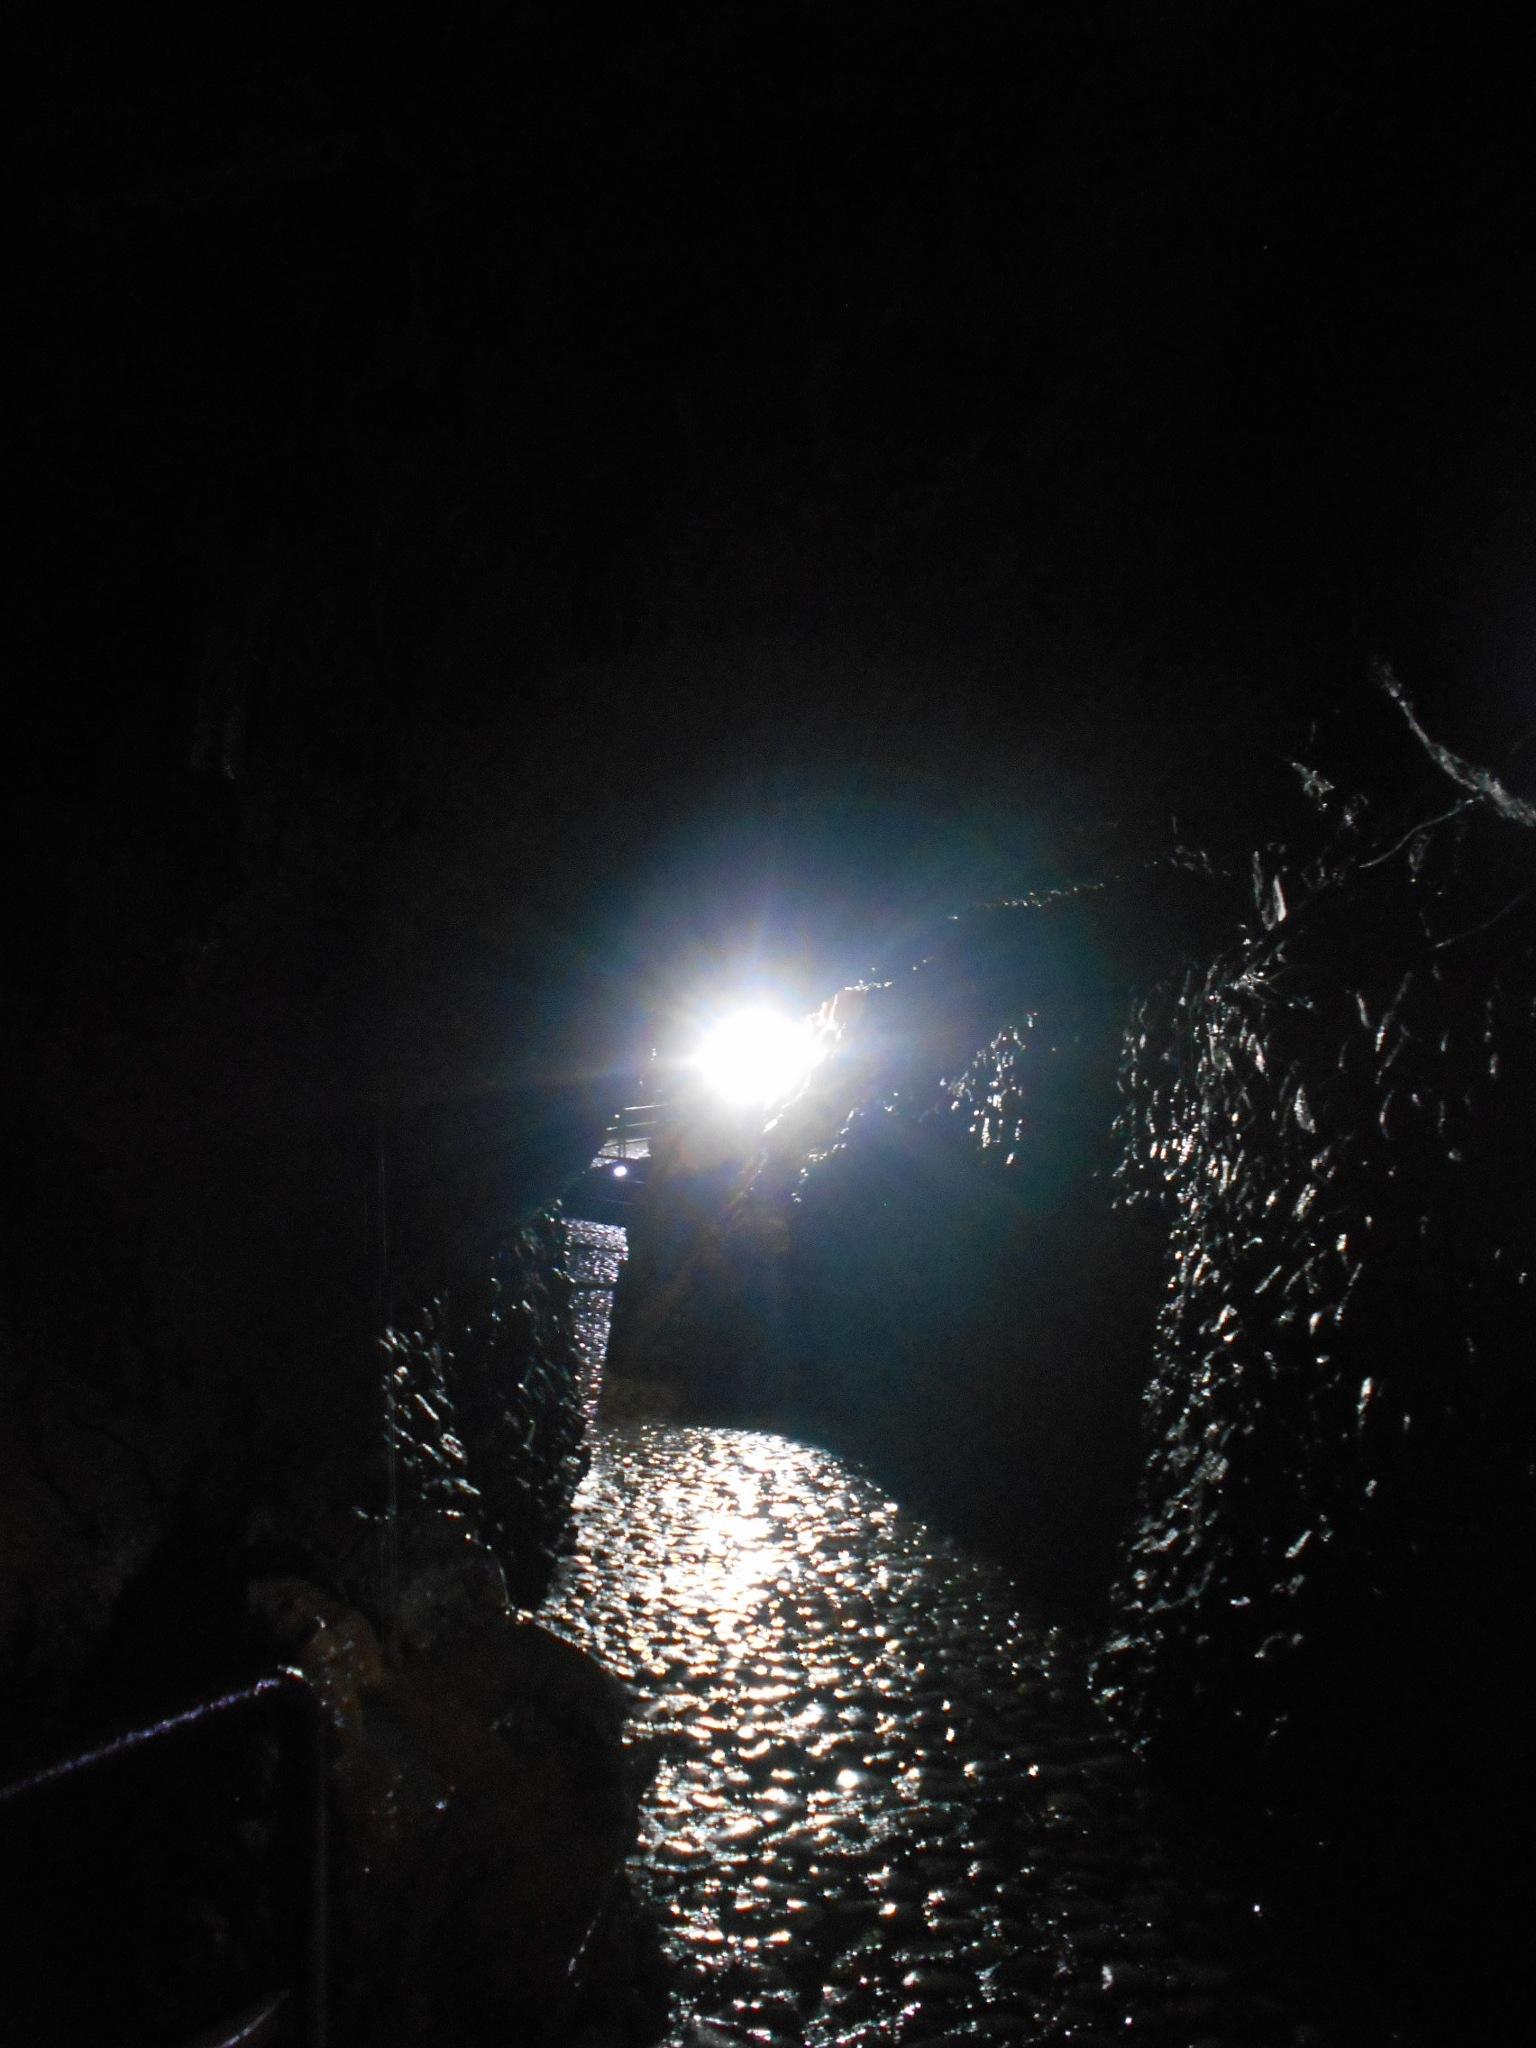 The darkness          by Reza karimi